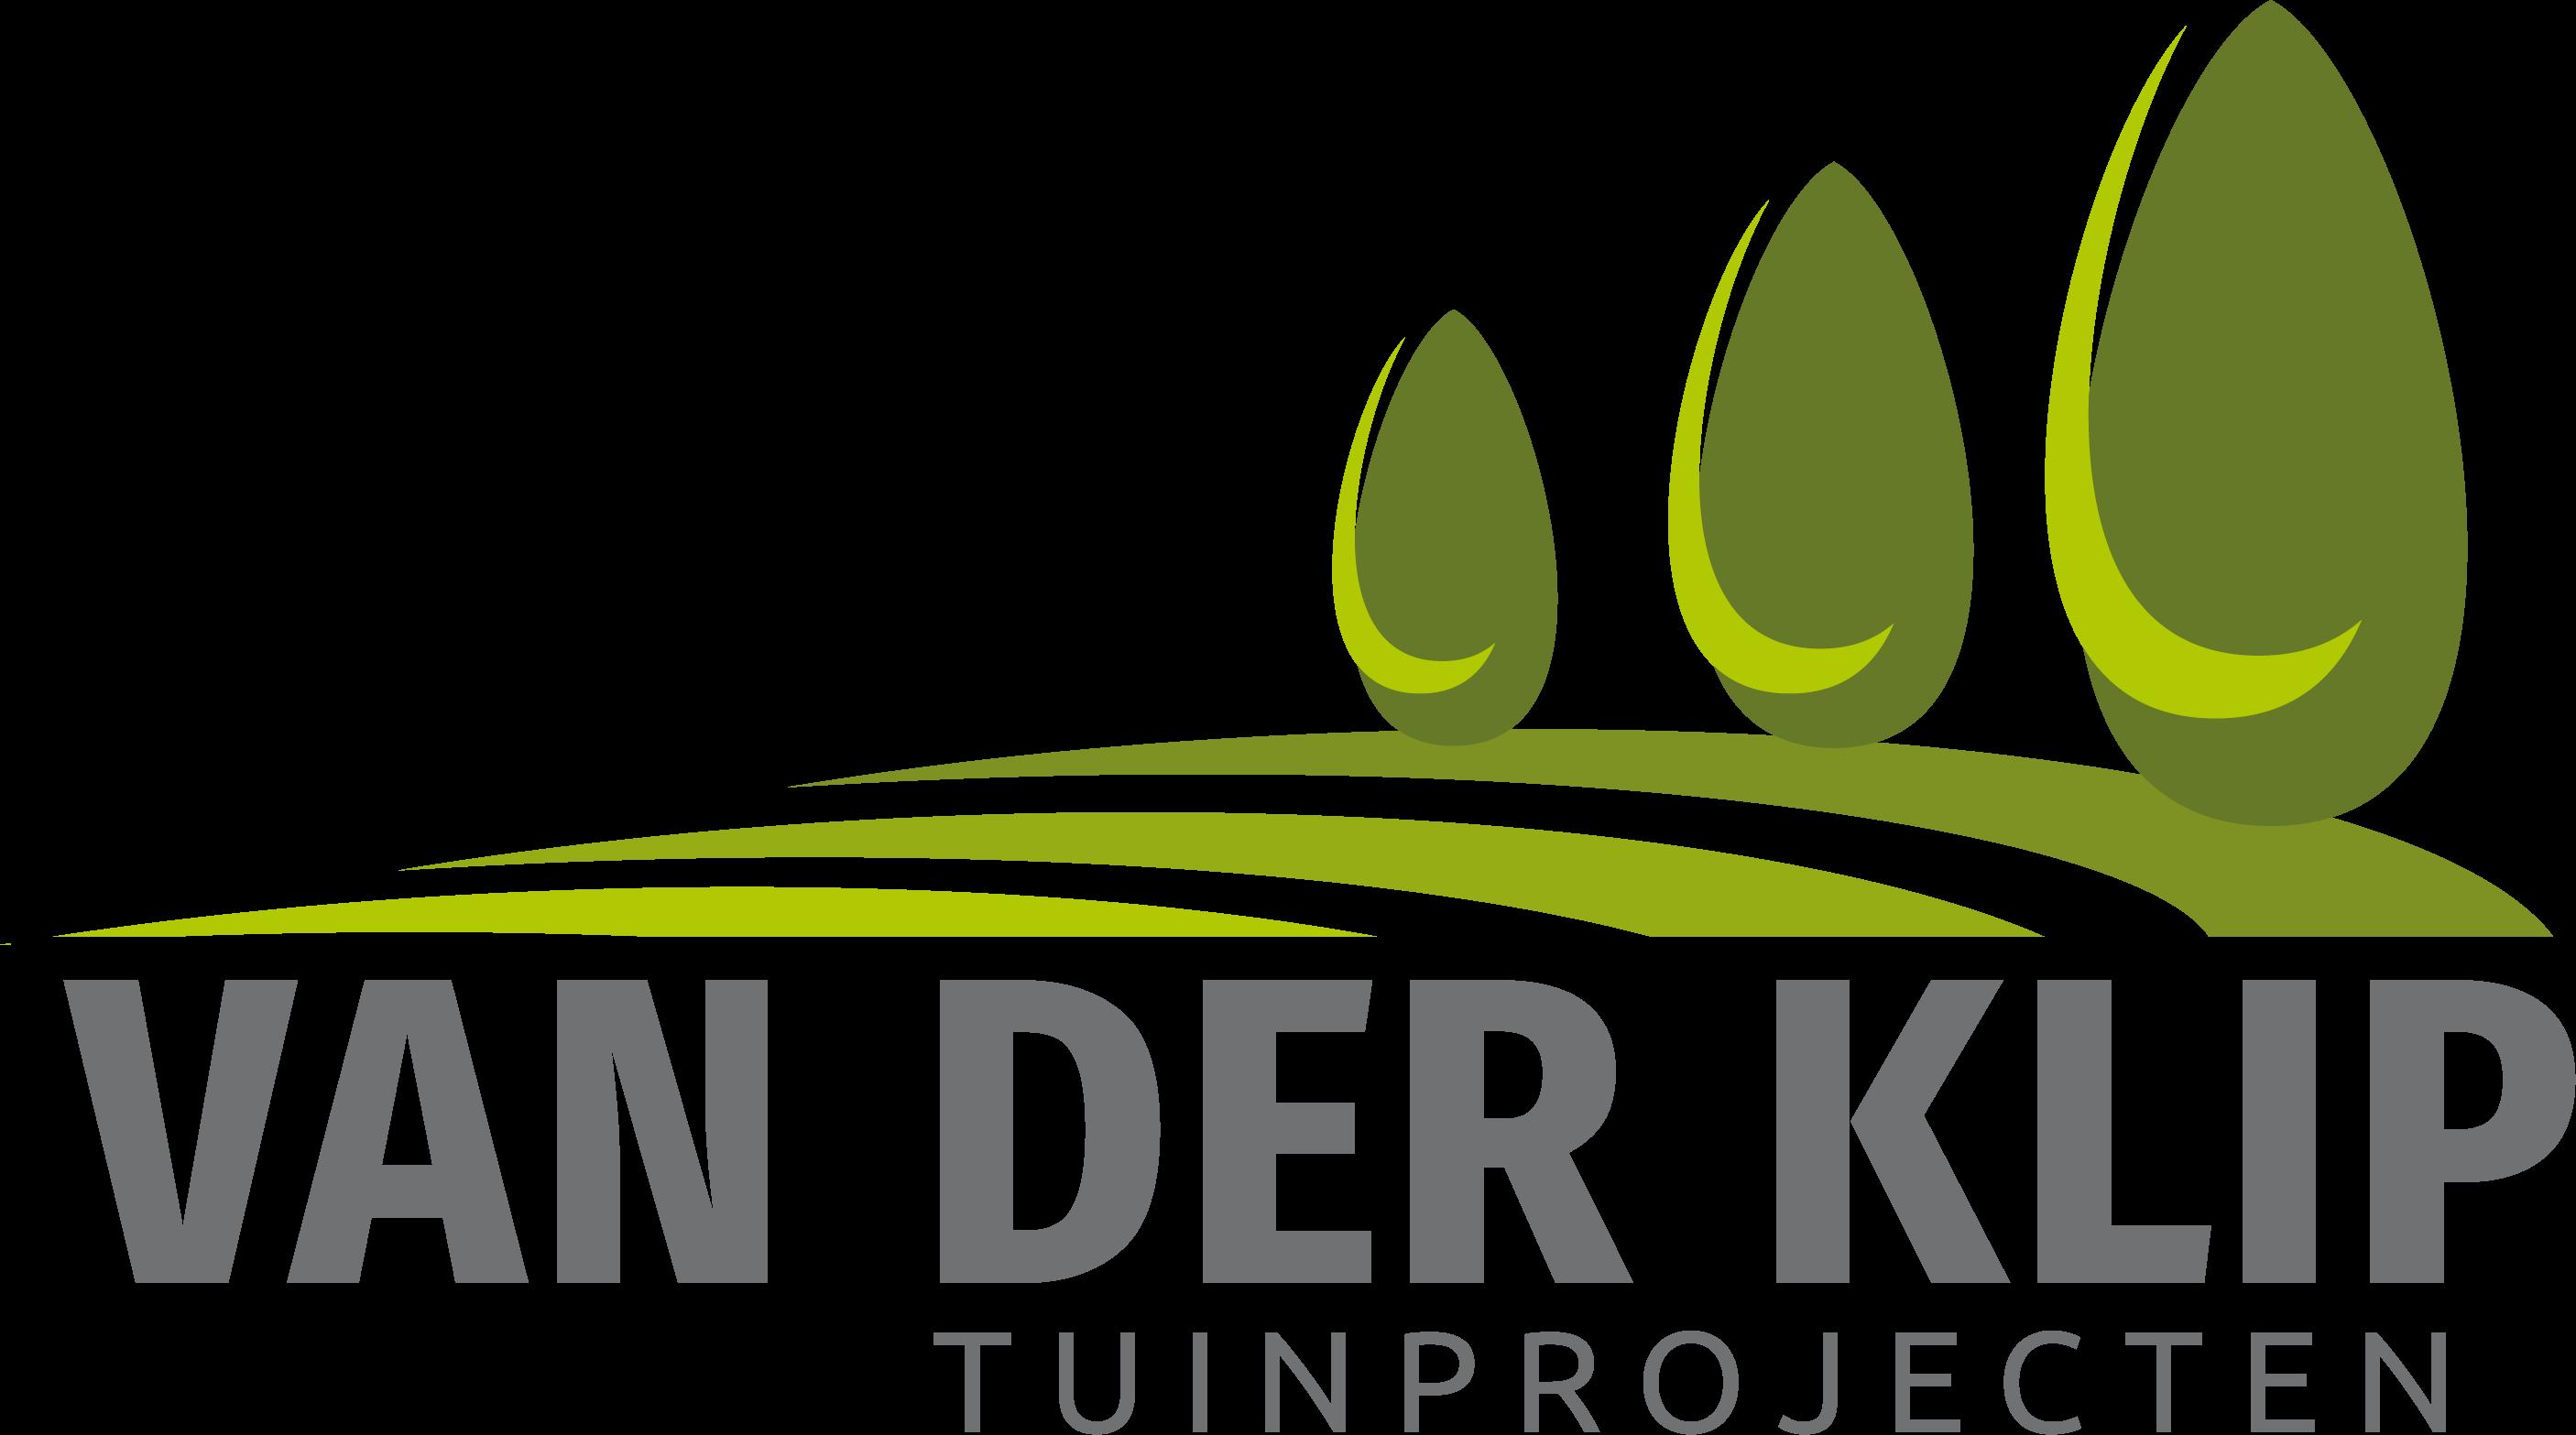 Van der Klip Tuinprojecten